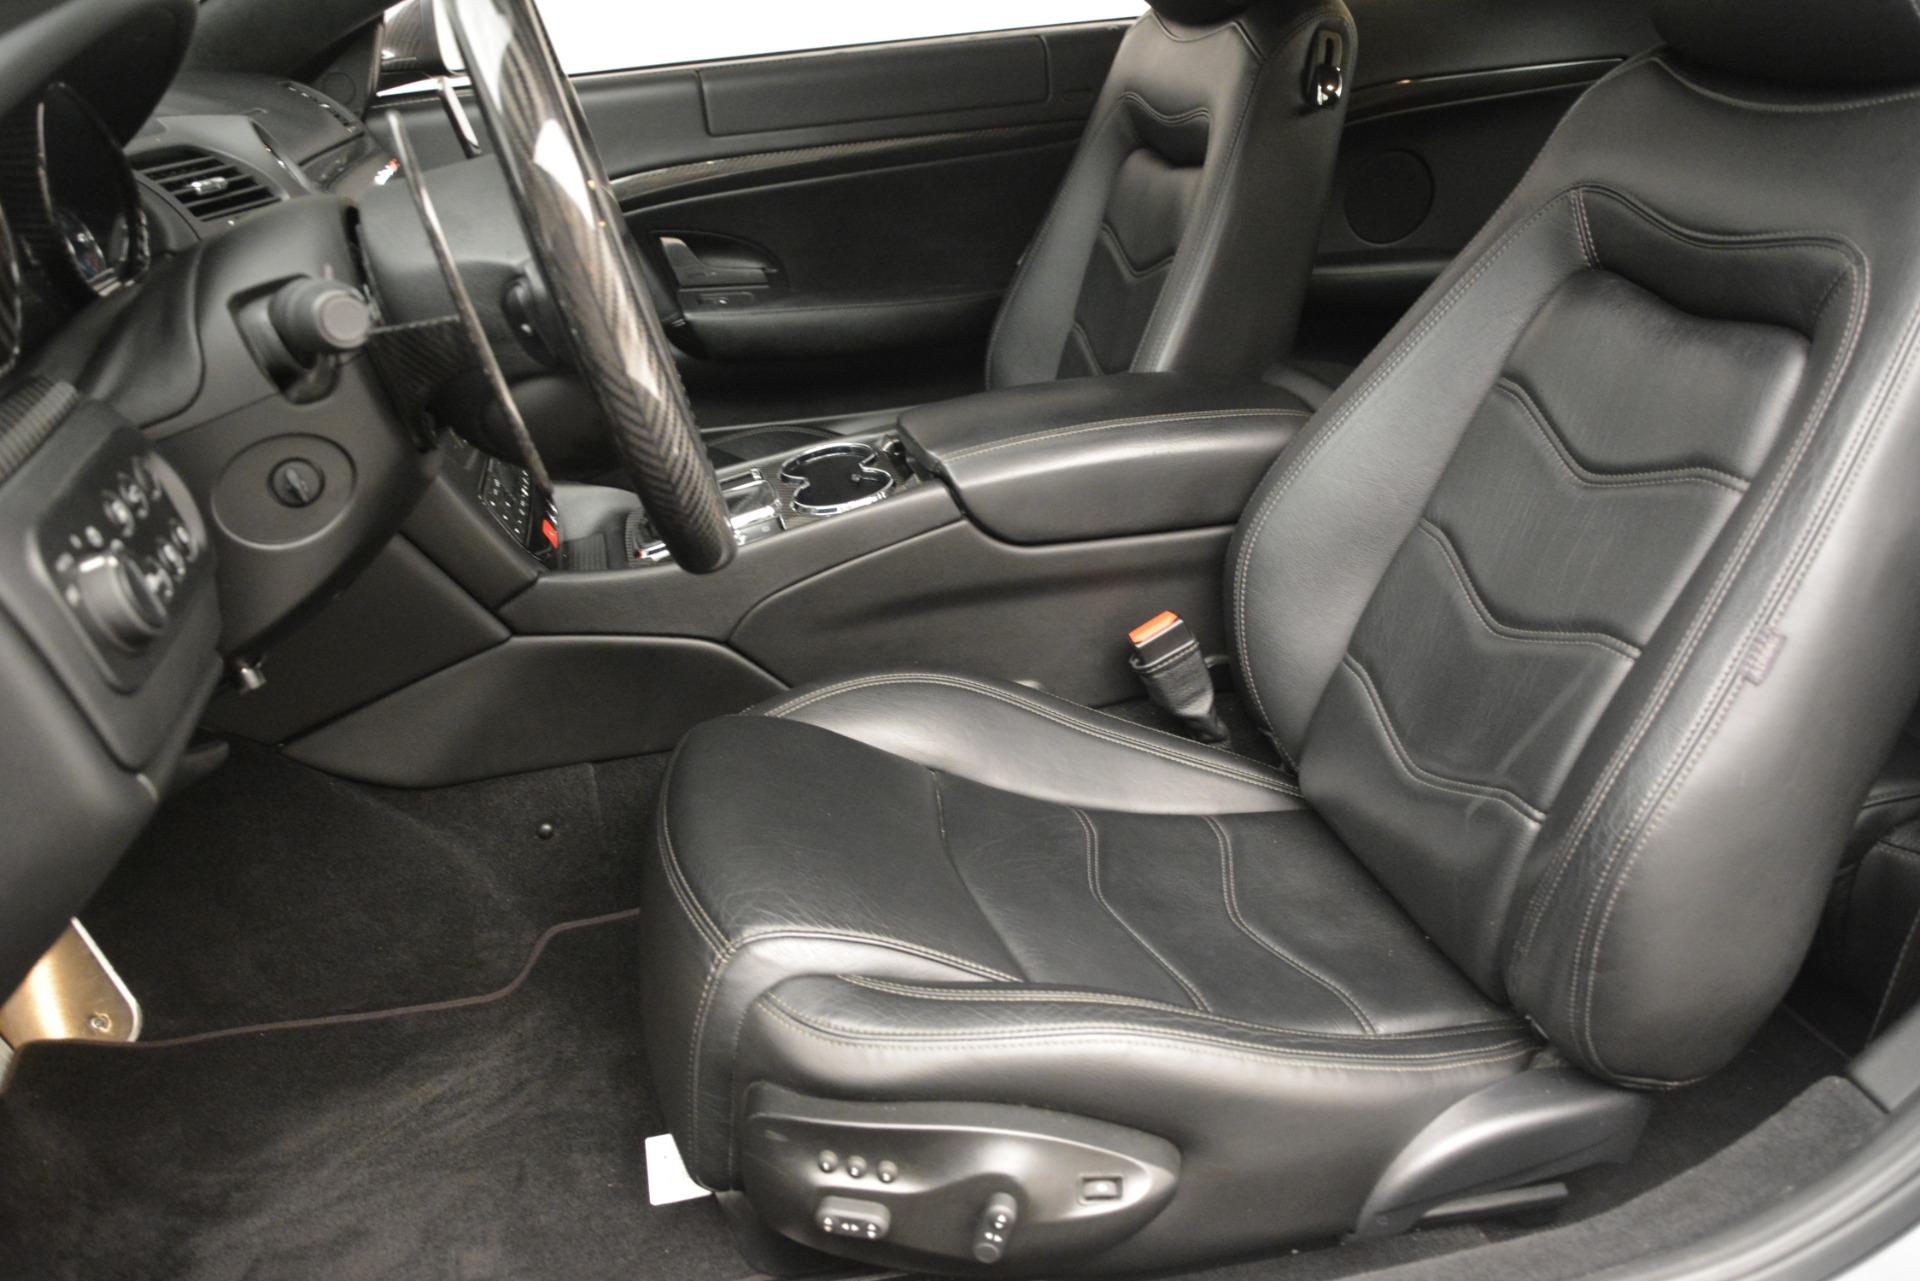 Used 2012 Maserati GranTurismo MC For Sale In Westport, CT 1284_p15